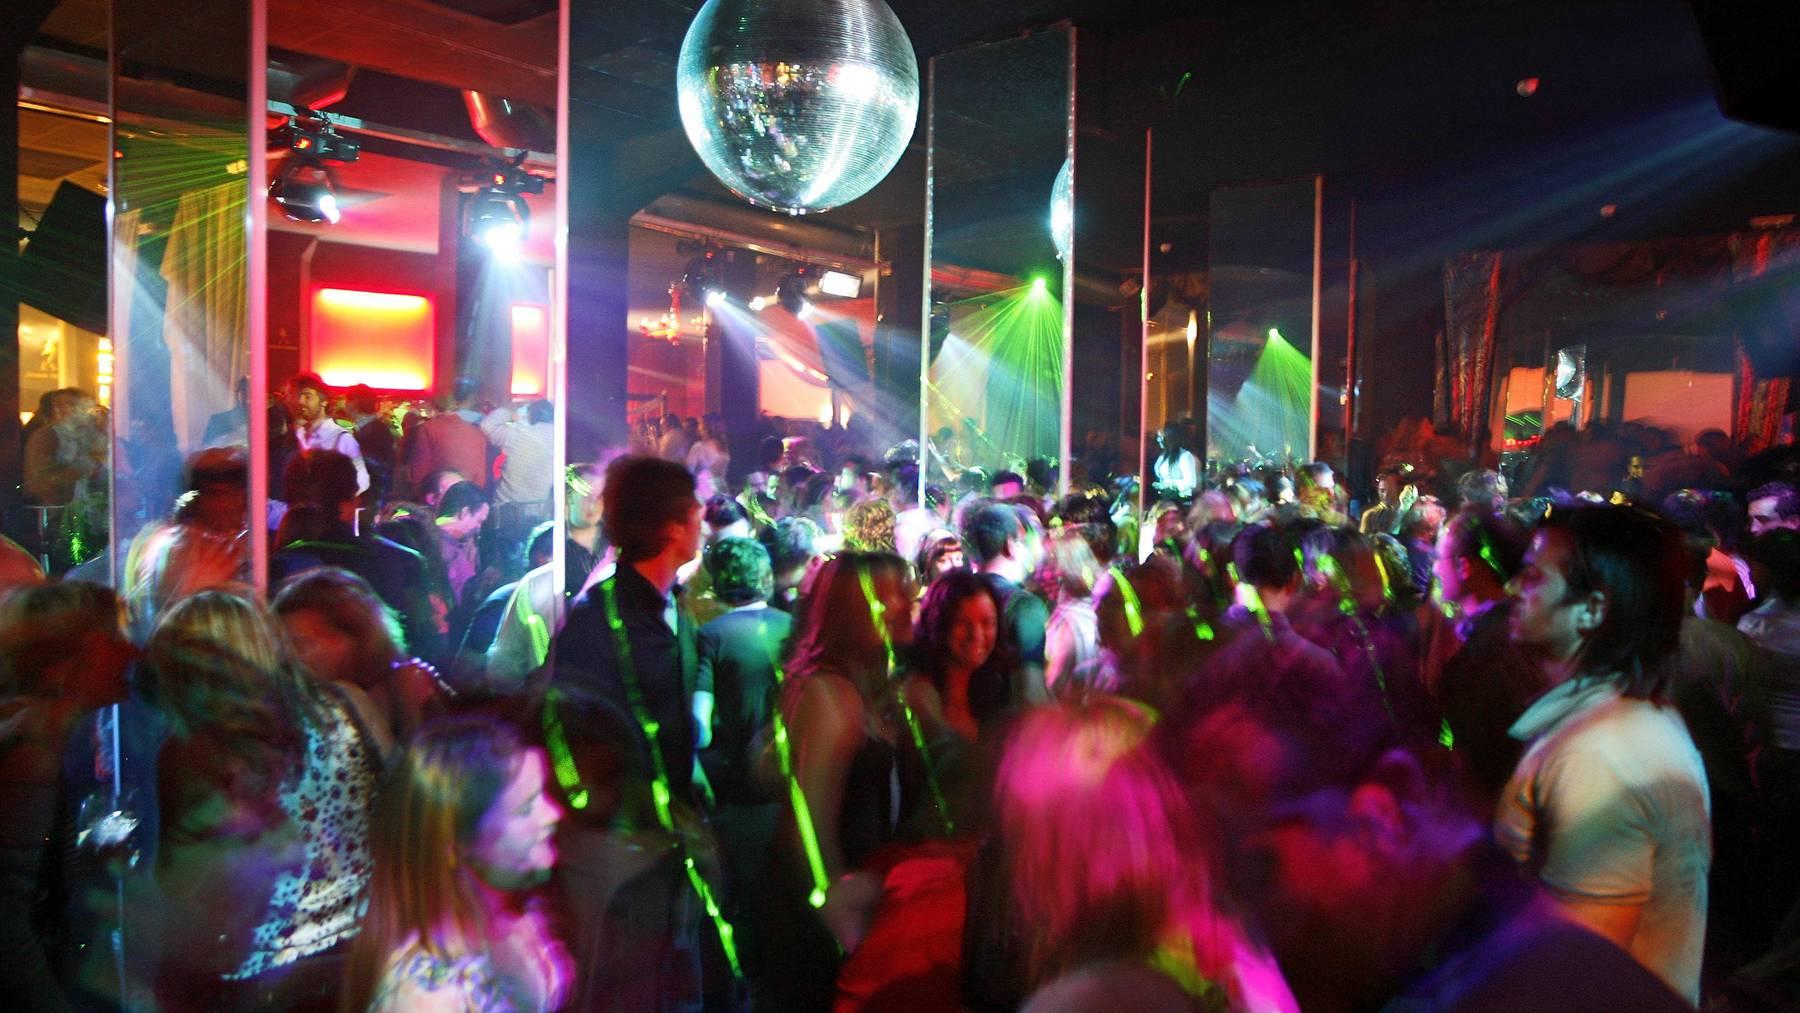 Nachtschwärmer feiern in einem Nachtclub (Symbolbild).